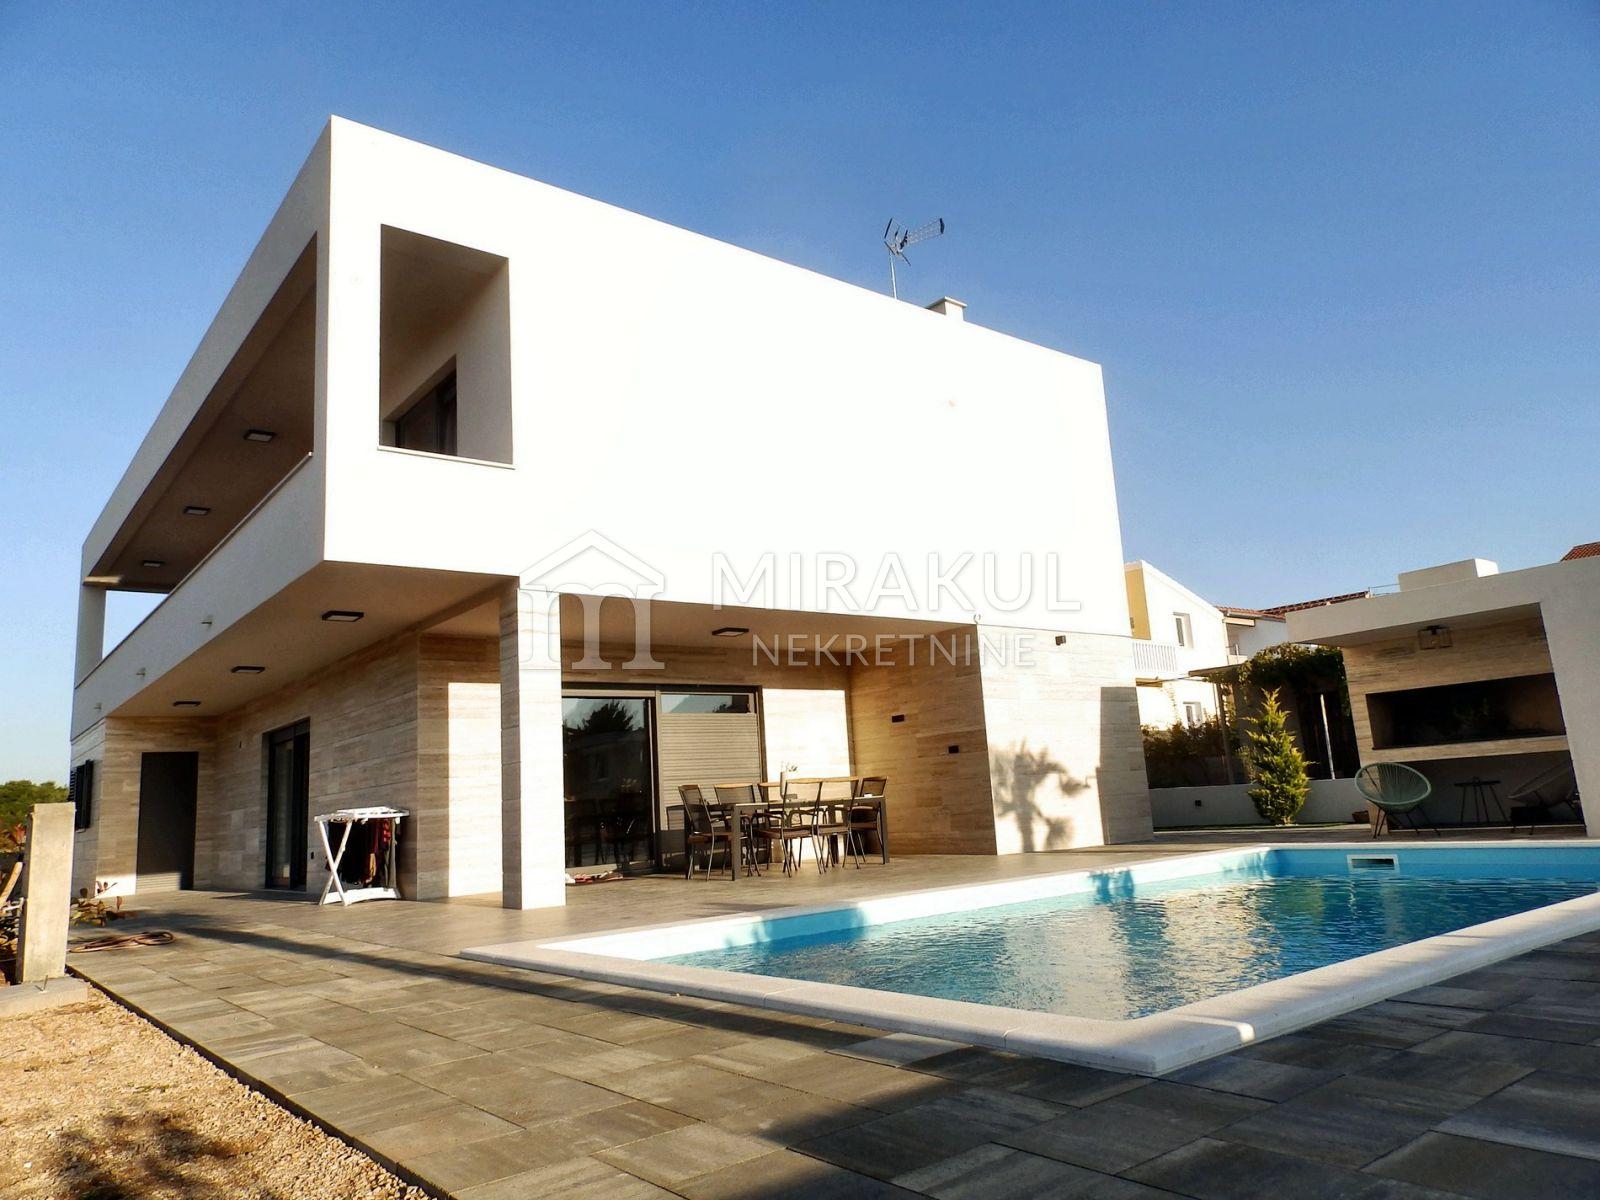 Ingatlan Vodice Horvátország, ház, Mirakul ingatlaniroda, ID - KV-505, Új villa medencével, csendes helyen 1